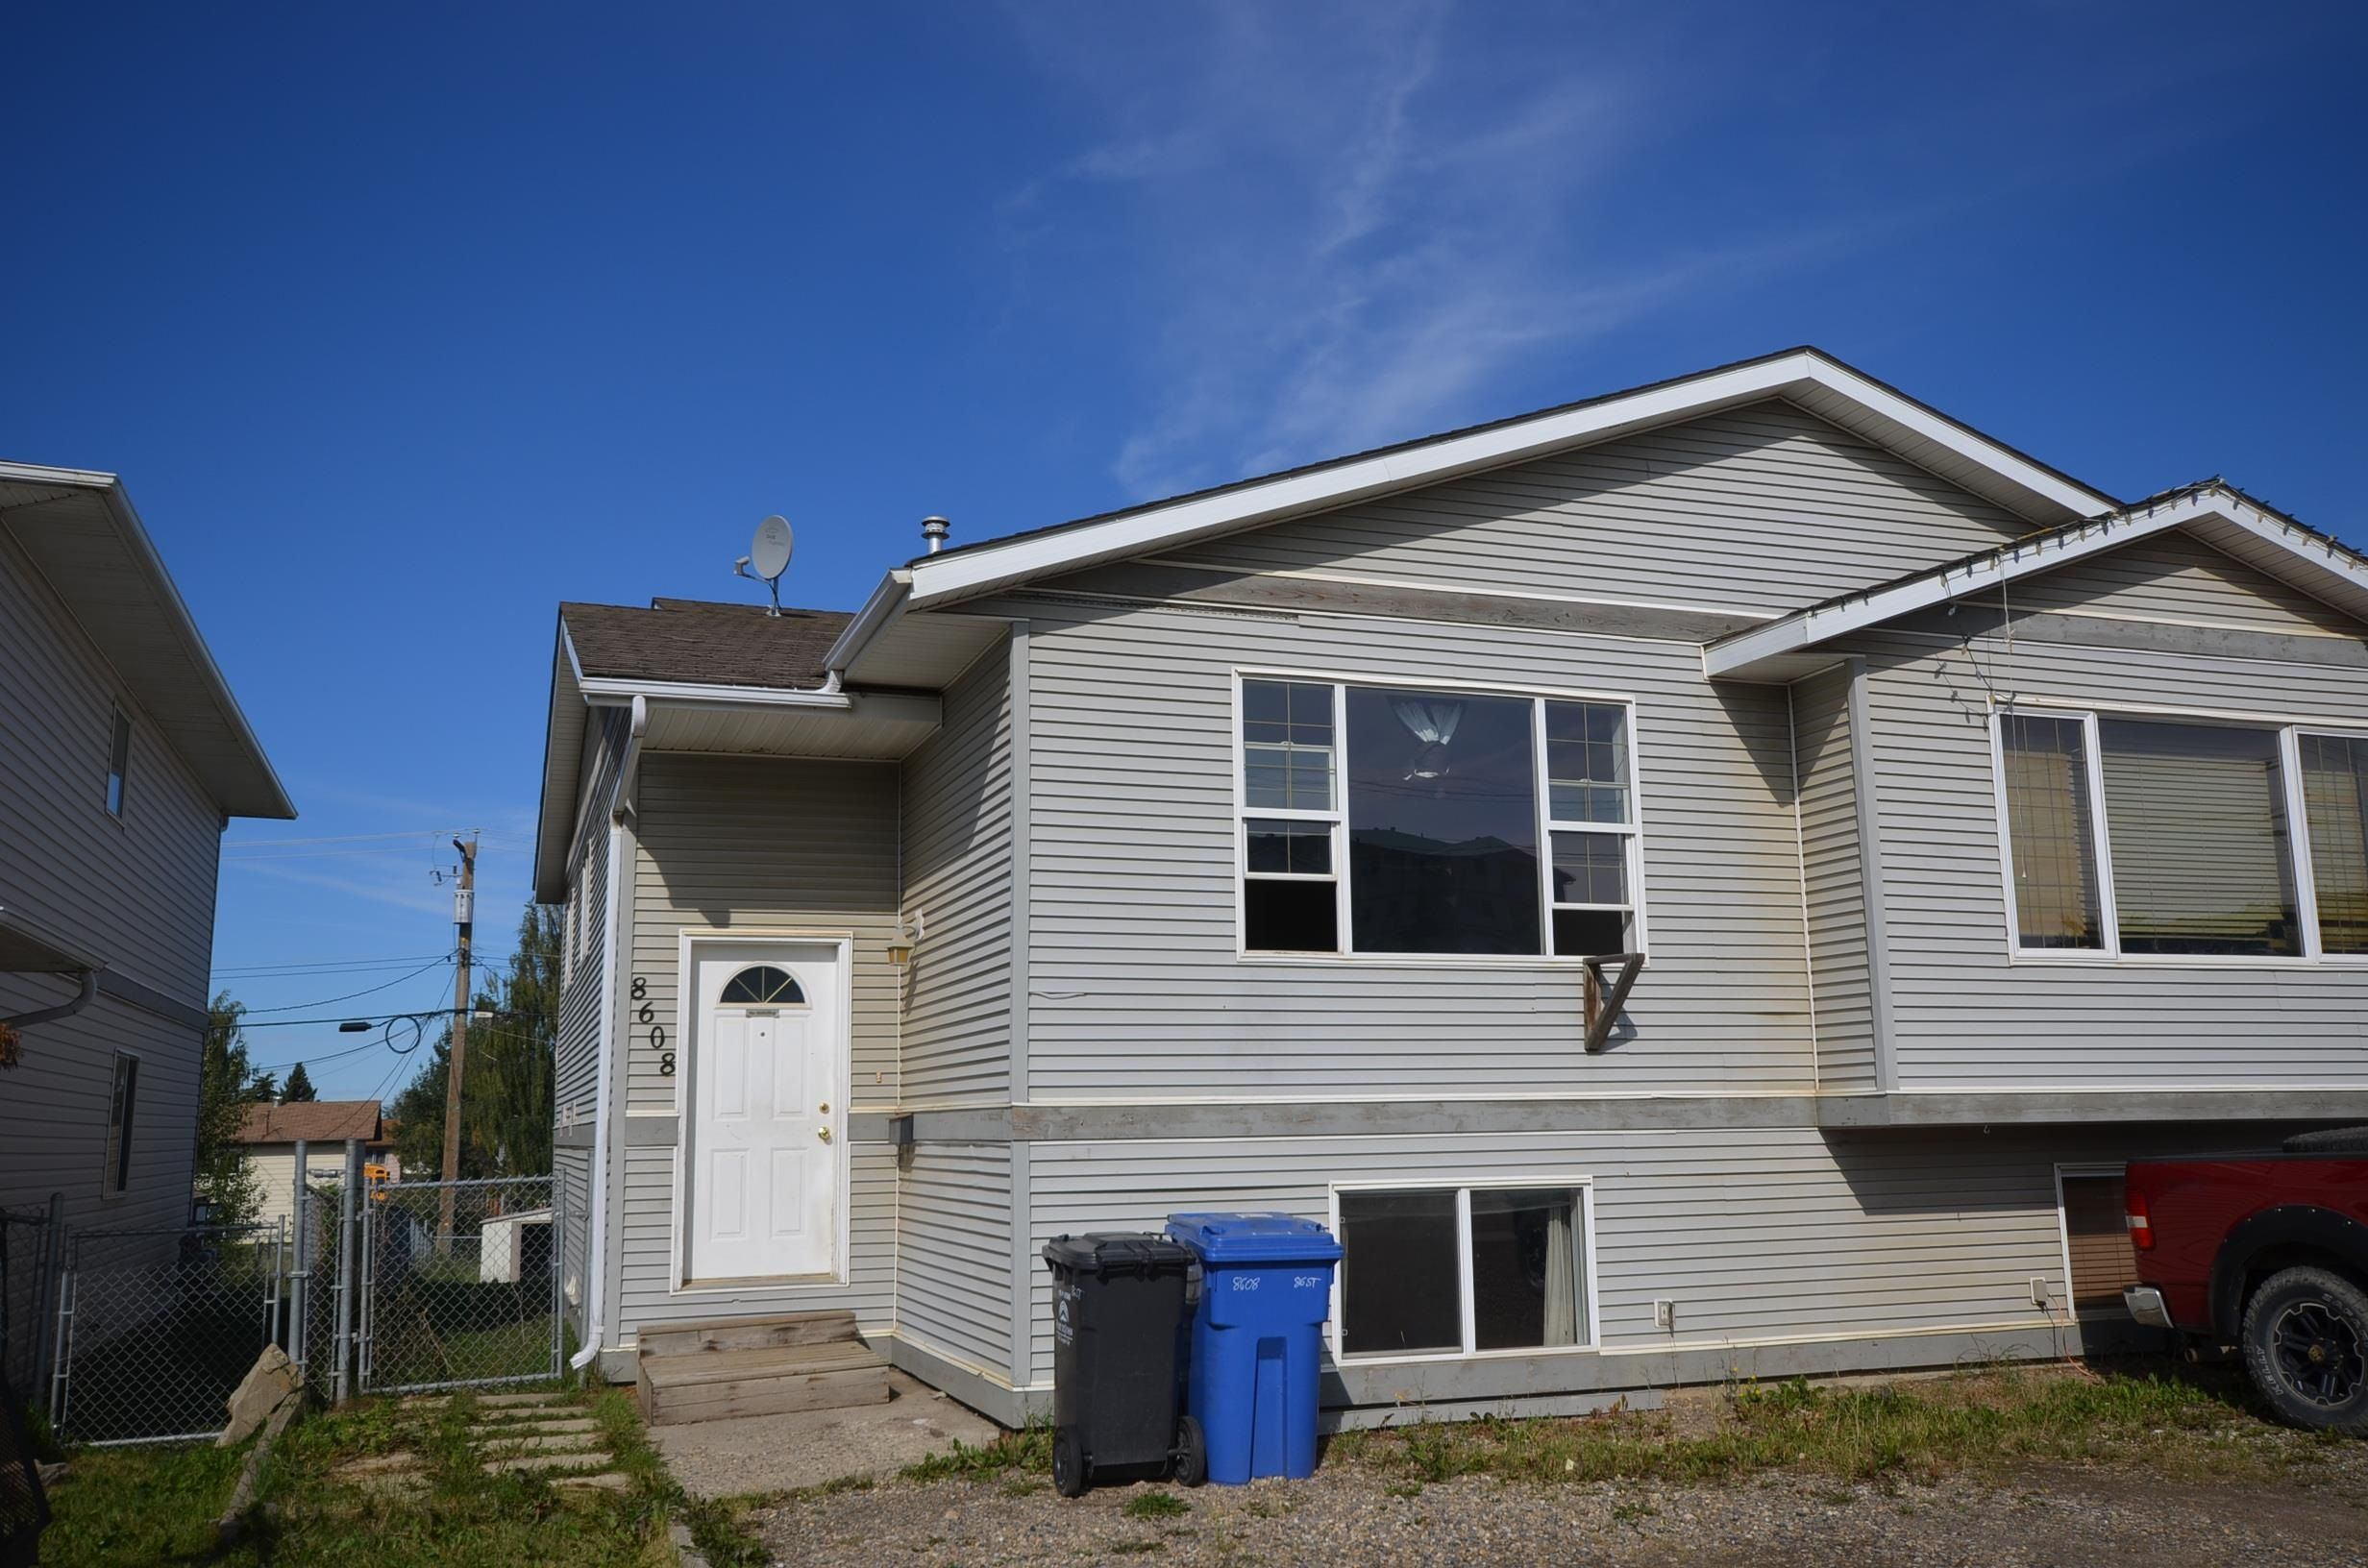 Main Photo: 8608 86 Street in Fort St. John: Fort St. John - City SE 1/2 Duplex for sale (Fort St. John (Zone 60))  : MLS®# R2611732